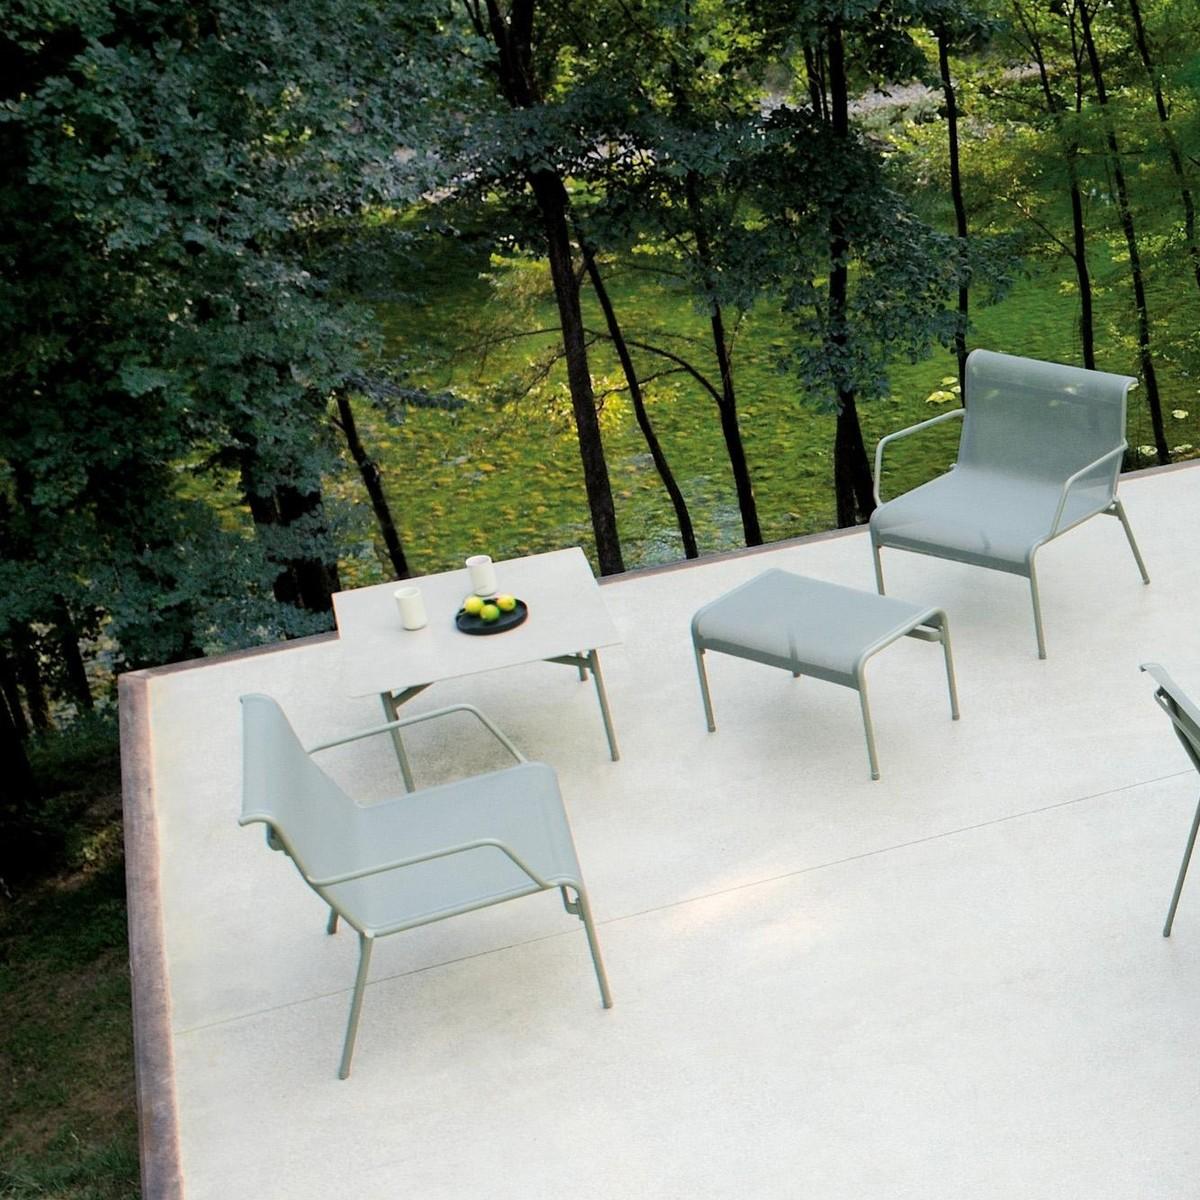 Kira Garten-Loungesessel | emu | AmbienteDirect.com